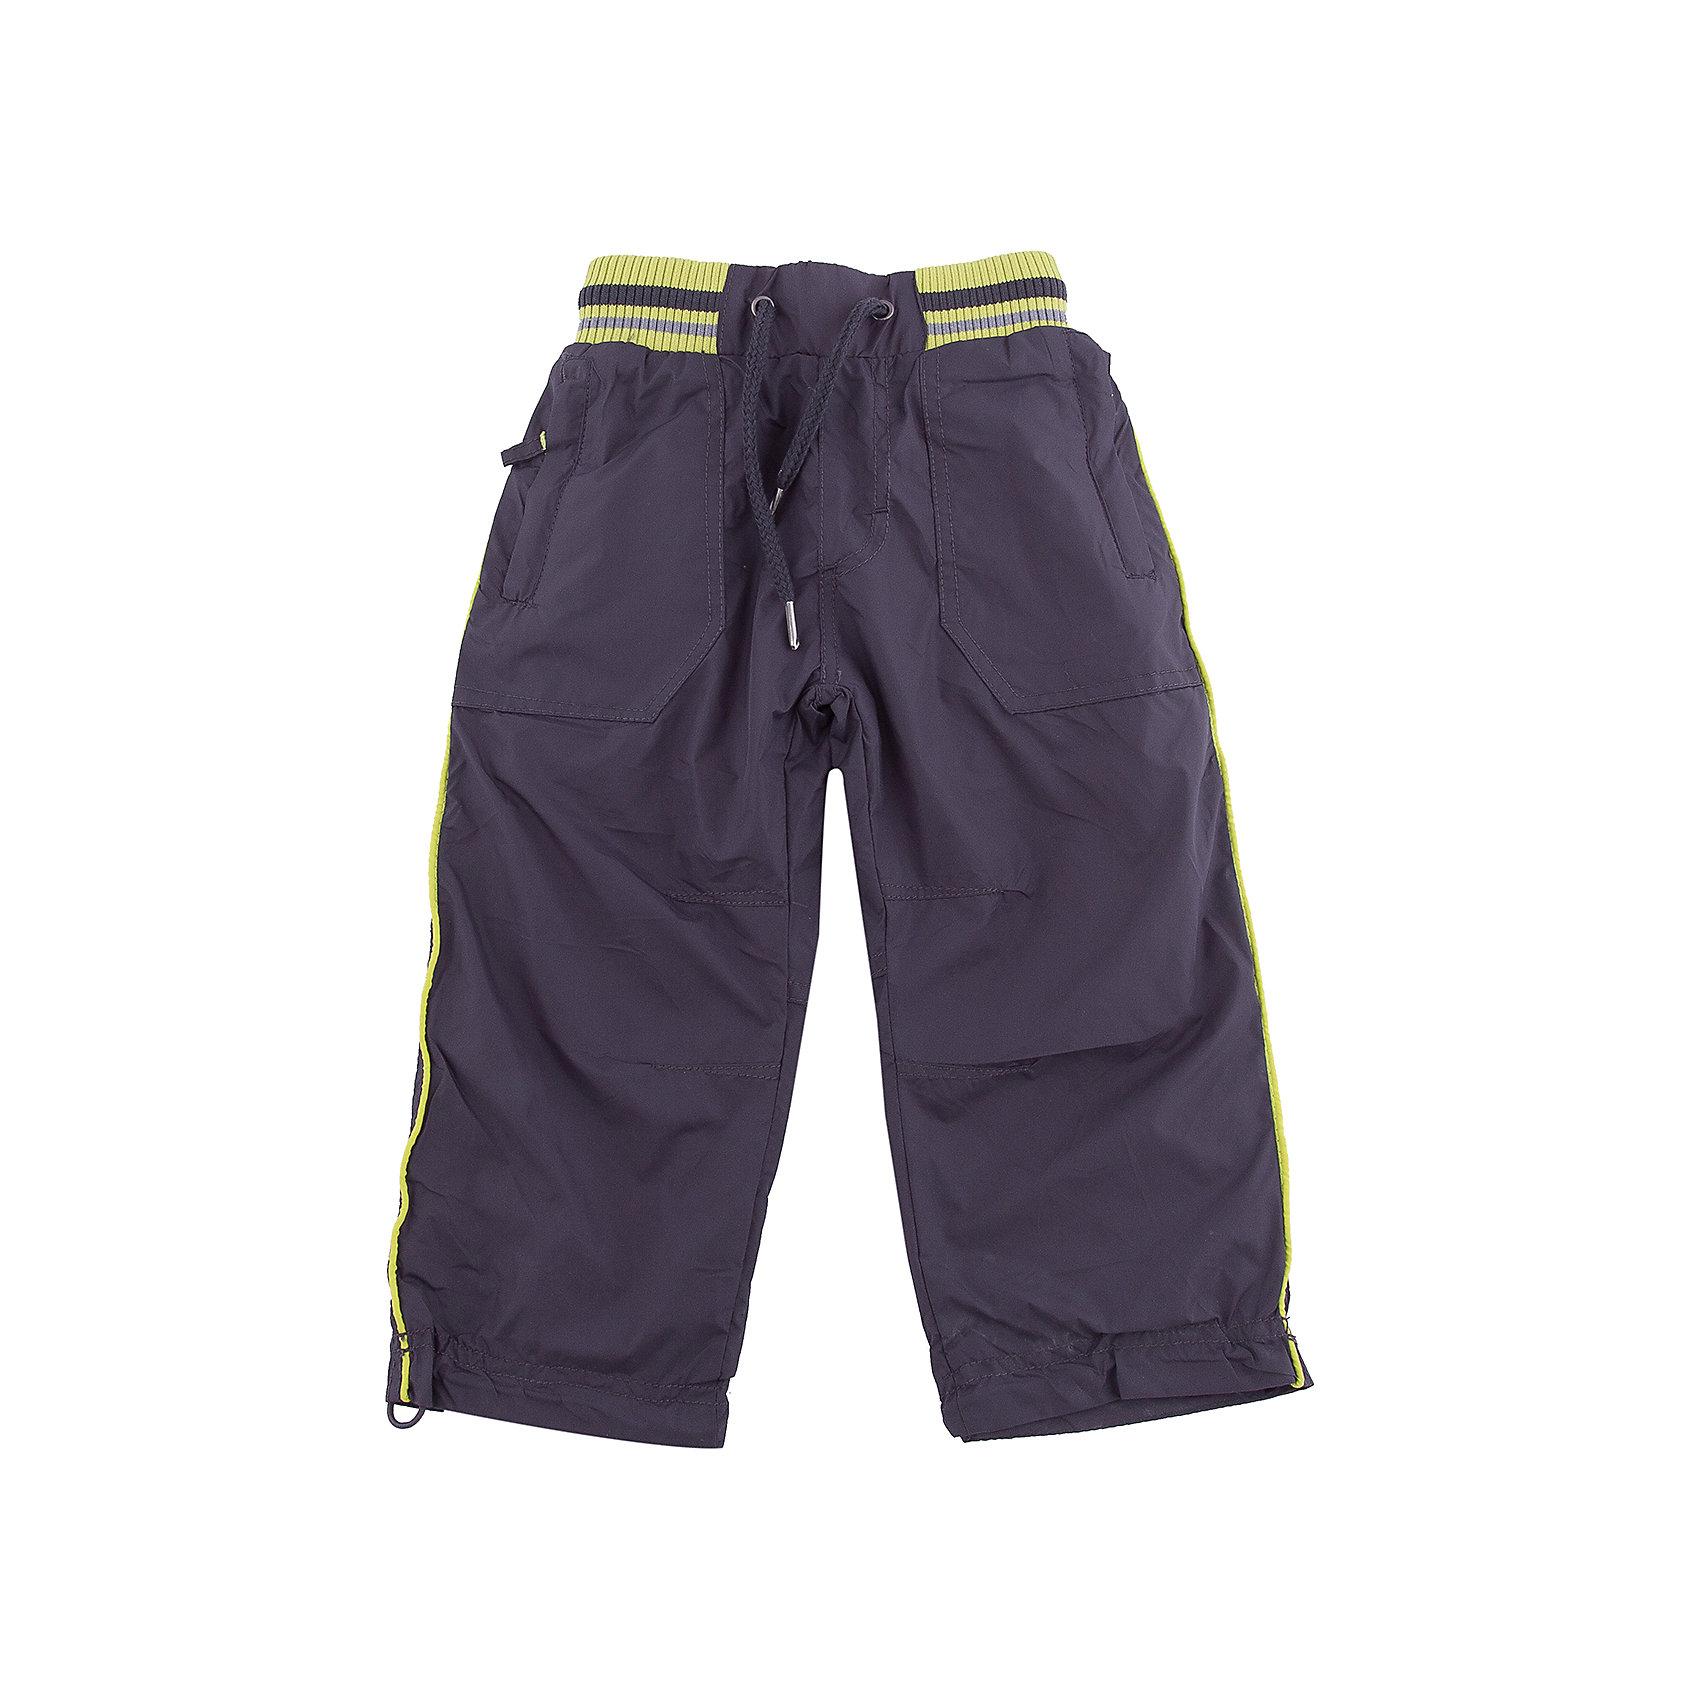 Брюки Sweet Berry для мальчикаВерхняя одежда<br>Брюки Sweet Berry для мальчика<br>Утепленные текстильные брюки для мальчика с эластичным поясом со шнуром для регулирования объема по талии. Флисовая подкладка. Декорированы контрастной отделкой. Два прорезных кармана на молнии. Прямой крой, средняя посадка. Низ брючин регулируется эластичной утяжкой.<br>Состав:<br>Верх: 100% нейлон Подкладка: 100% полиэстер<br><br>Ширина мм: 215<br>Глубина мм: 88<br>Высота мм: 191<br>Вес г: 336<br>Цвет: серый<br>Возраст от месяцев: 24<br>Возраст до месяцев: 36<br>Пол: Мужской<br>Возраст: Детский<br>Размер: 98,80,86,92<br>SKU: 7095394